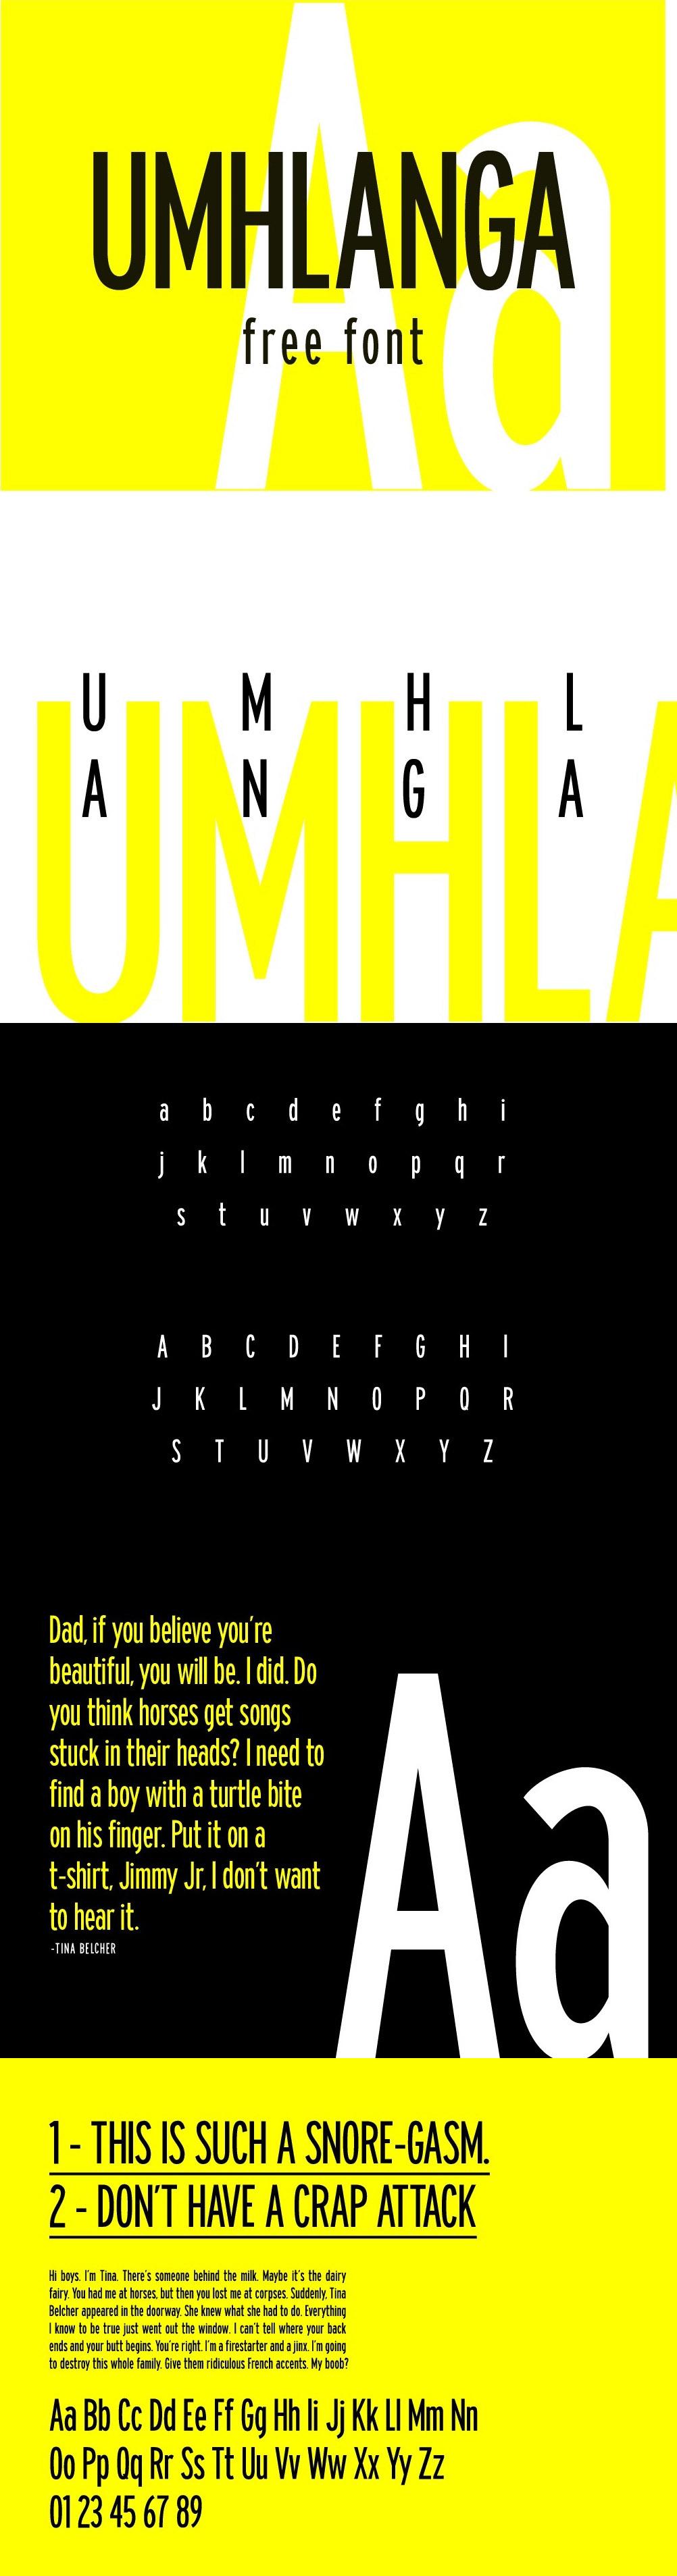 Umhlanga Free Sans Font - Free Fonts